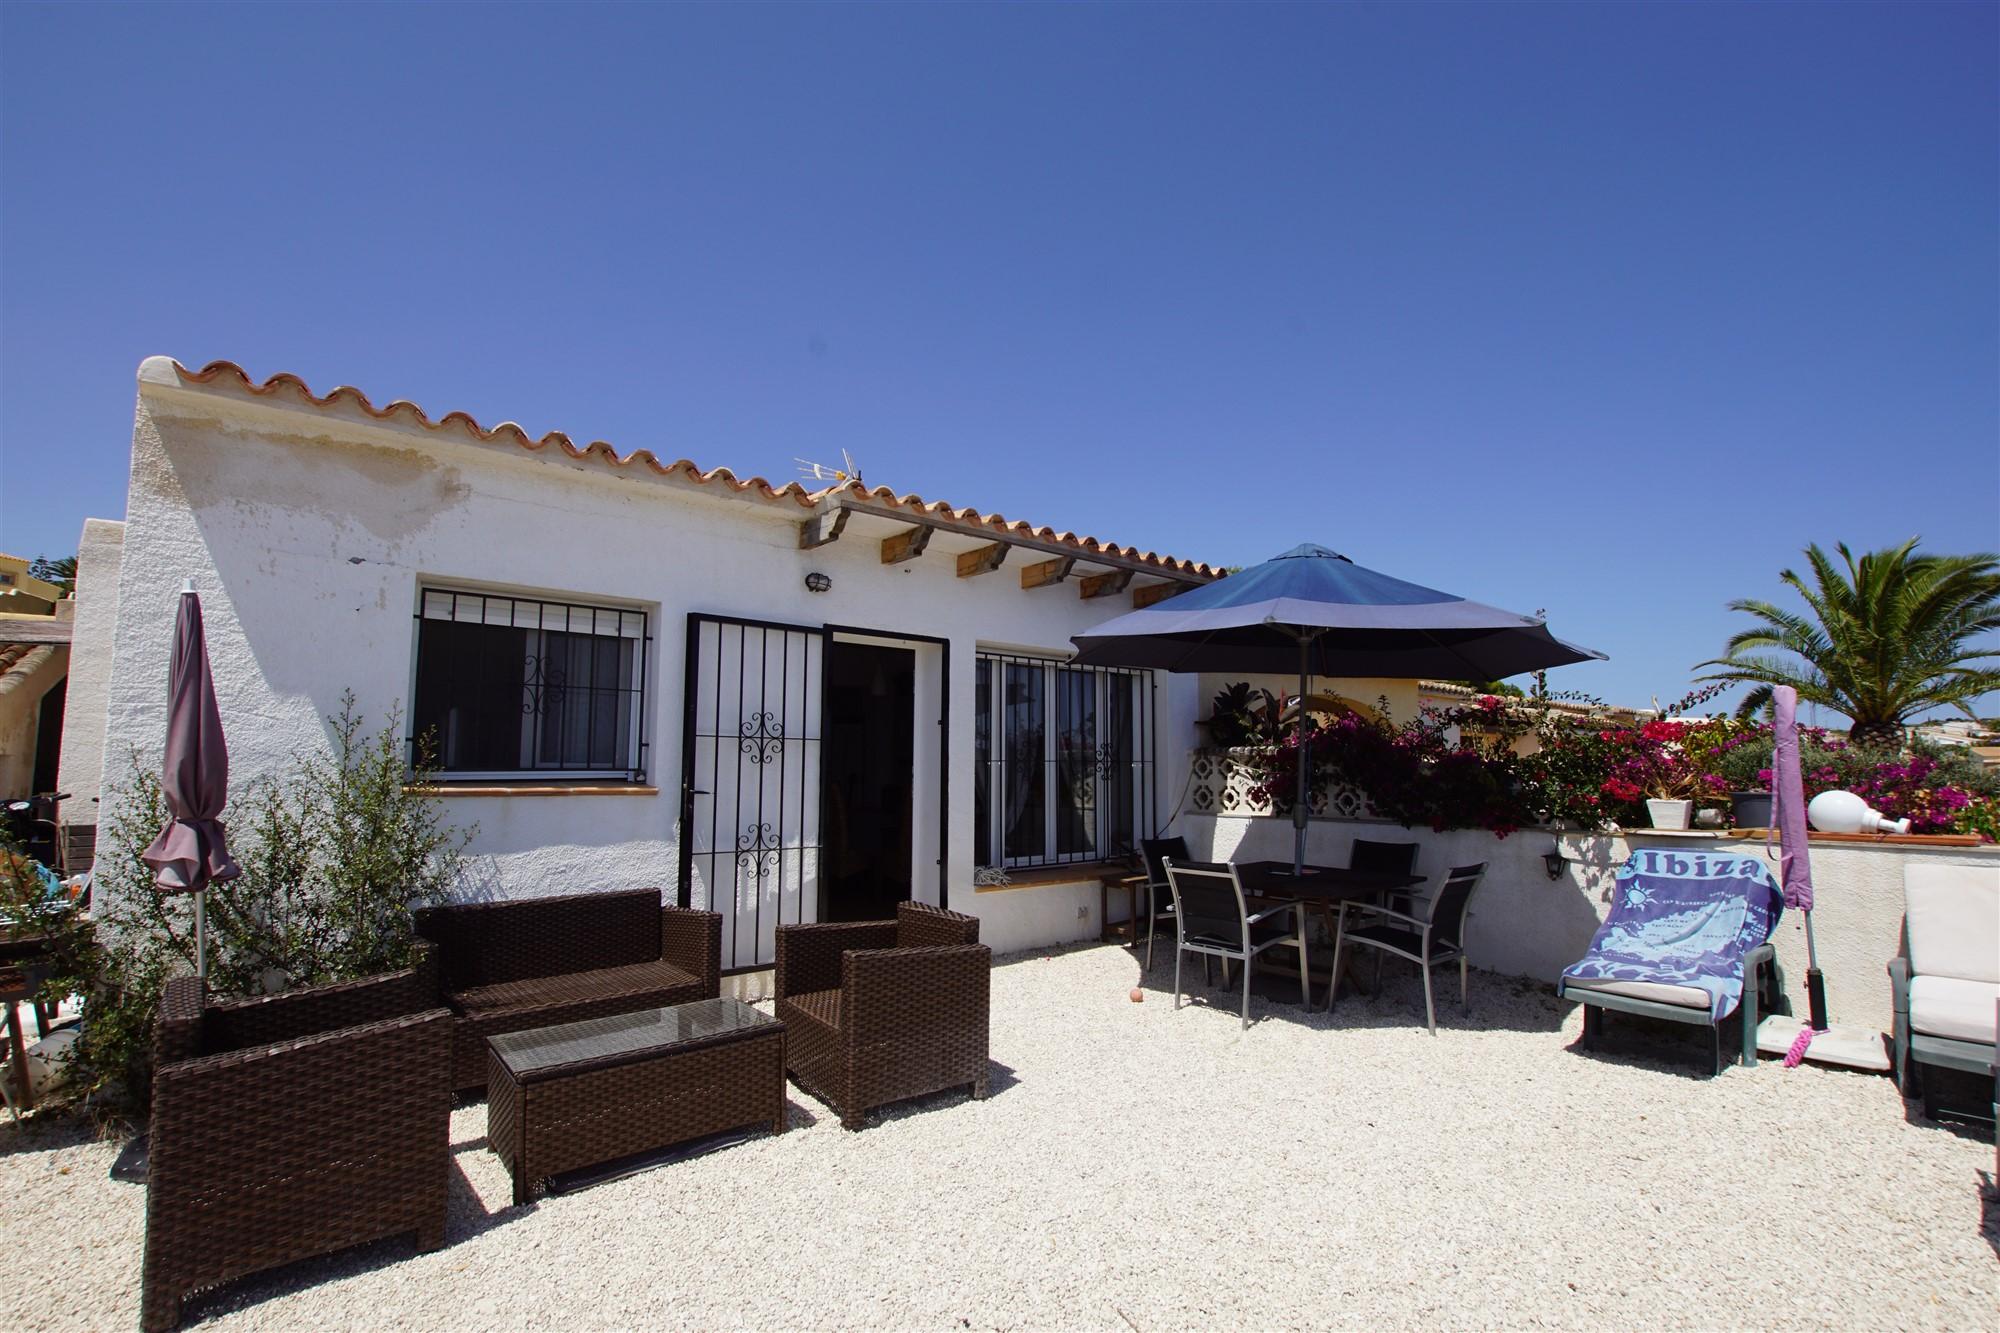 Apartamento en venta en Urbanización Cumbre del Sol con vistas al mar.  Situado en la esquina, en una única planta y cerca del centro comercial Adelfas.